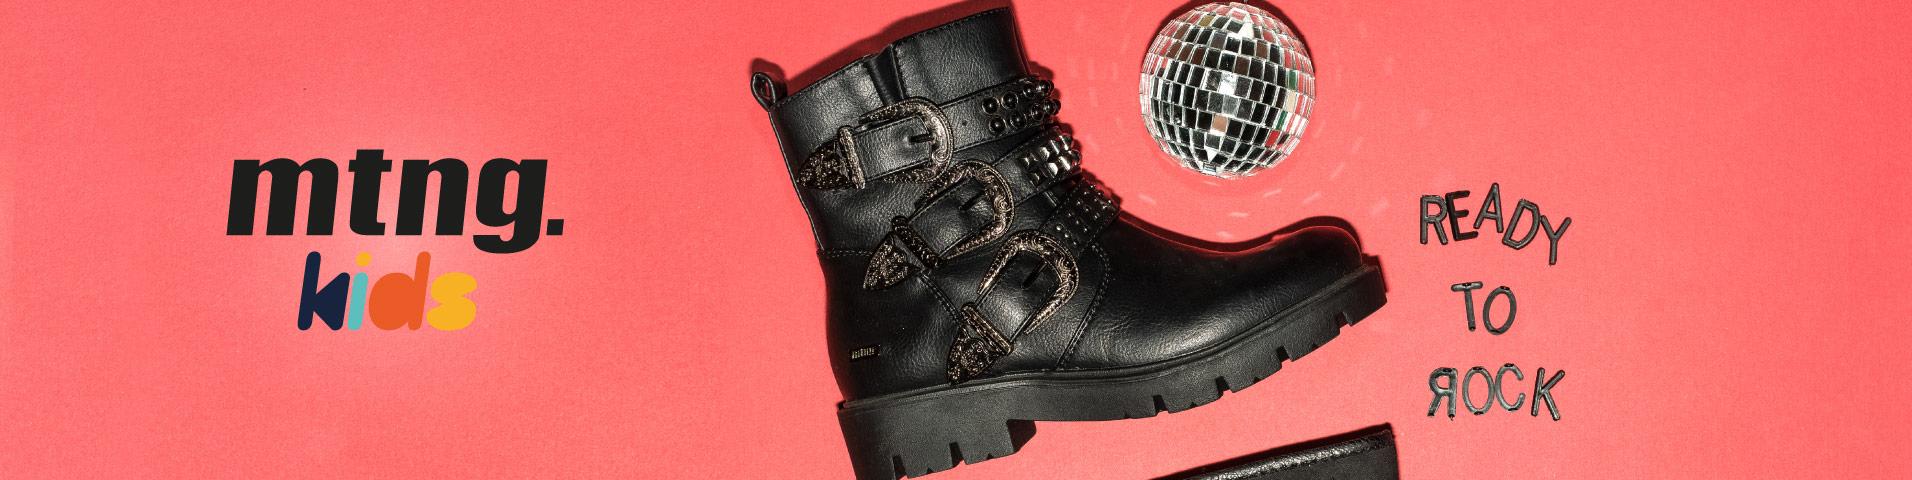 Chaussures enfant en promo or | Tous les articles chez Zalando